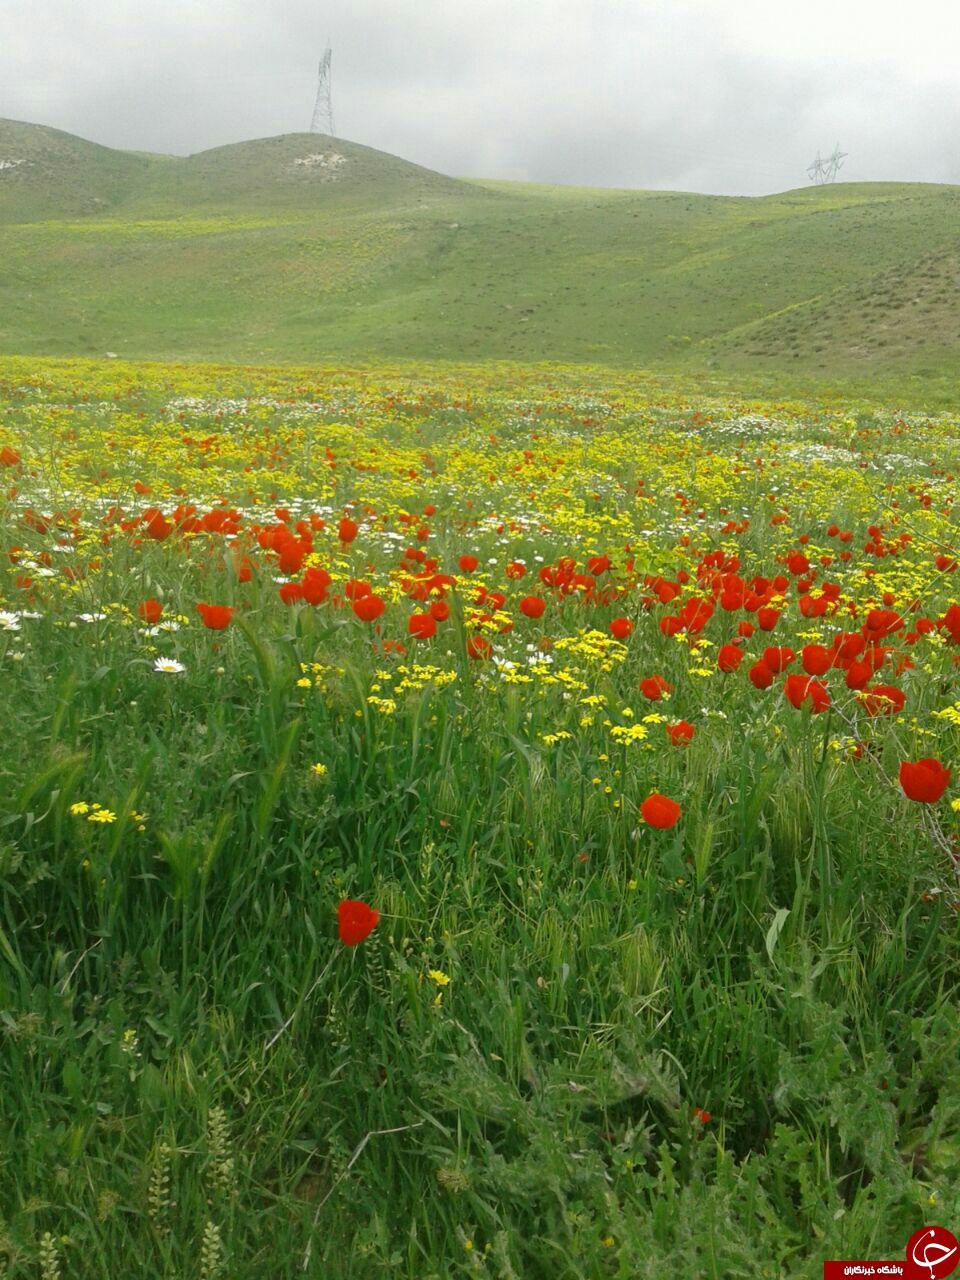 دشت گلهای رنگارنگ روستای ترناب + تصاویر